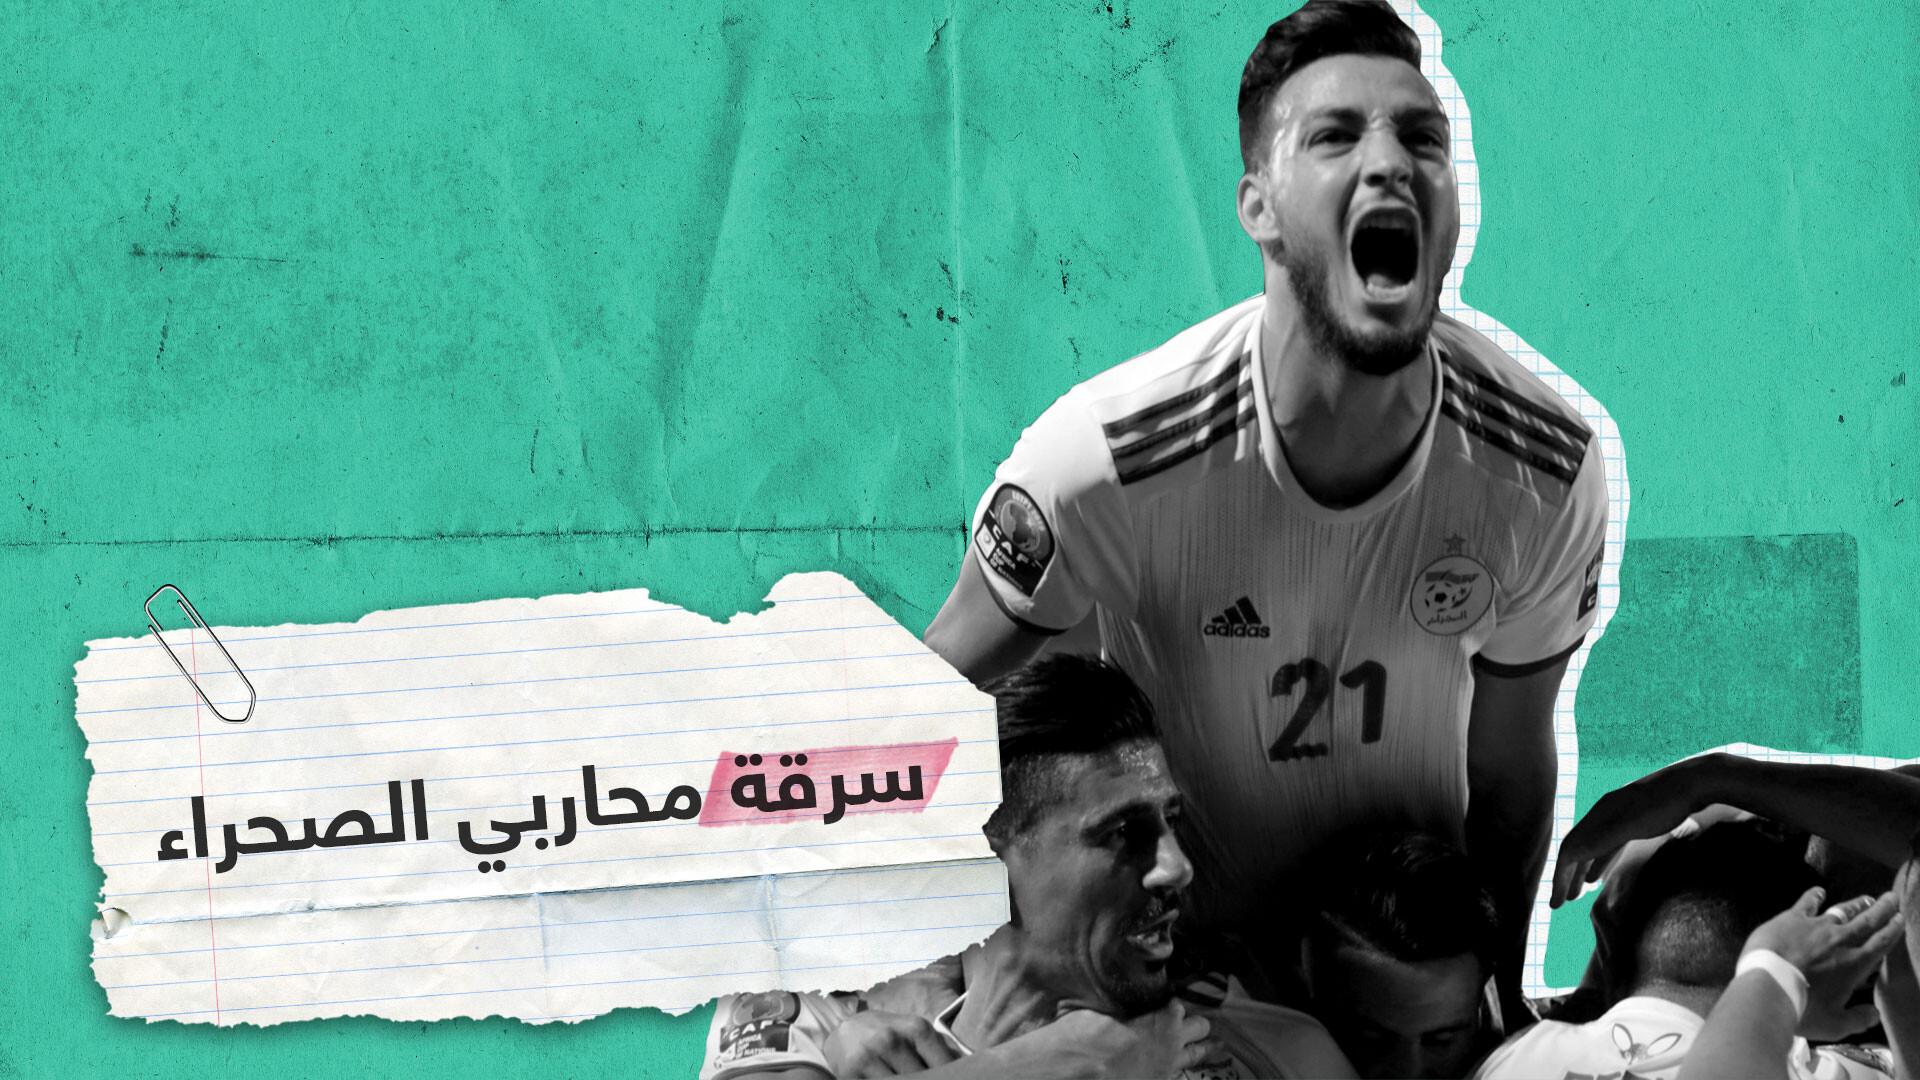 سرقة محاربي الصحراء.. أين اختفت أموال المنتخب الجزائري لكرة القدم؟